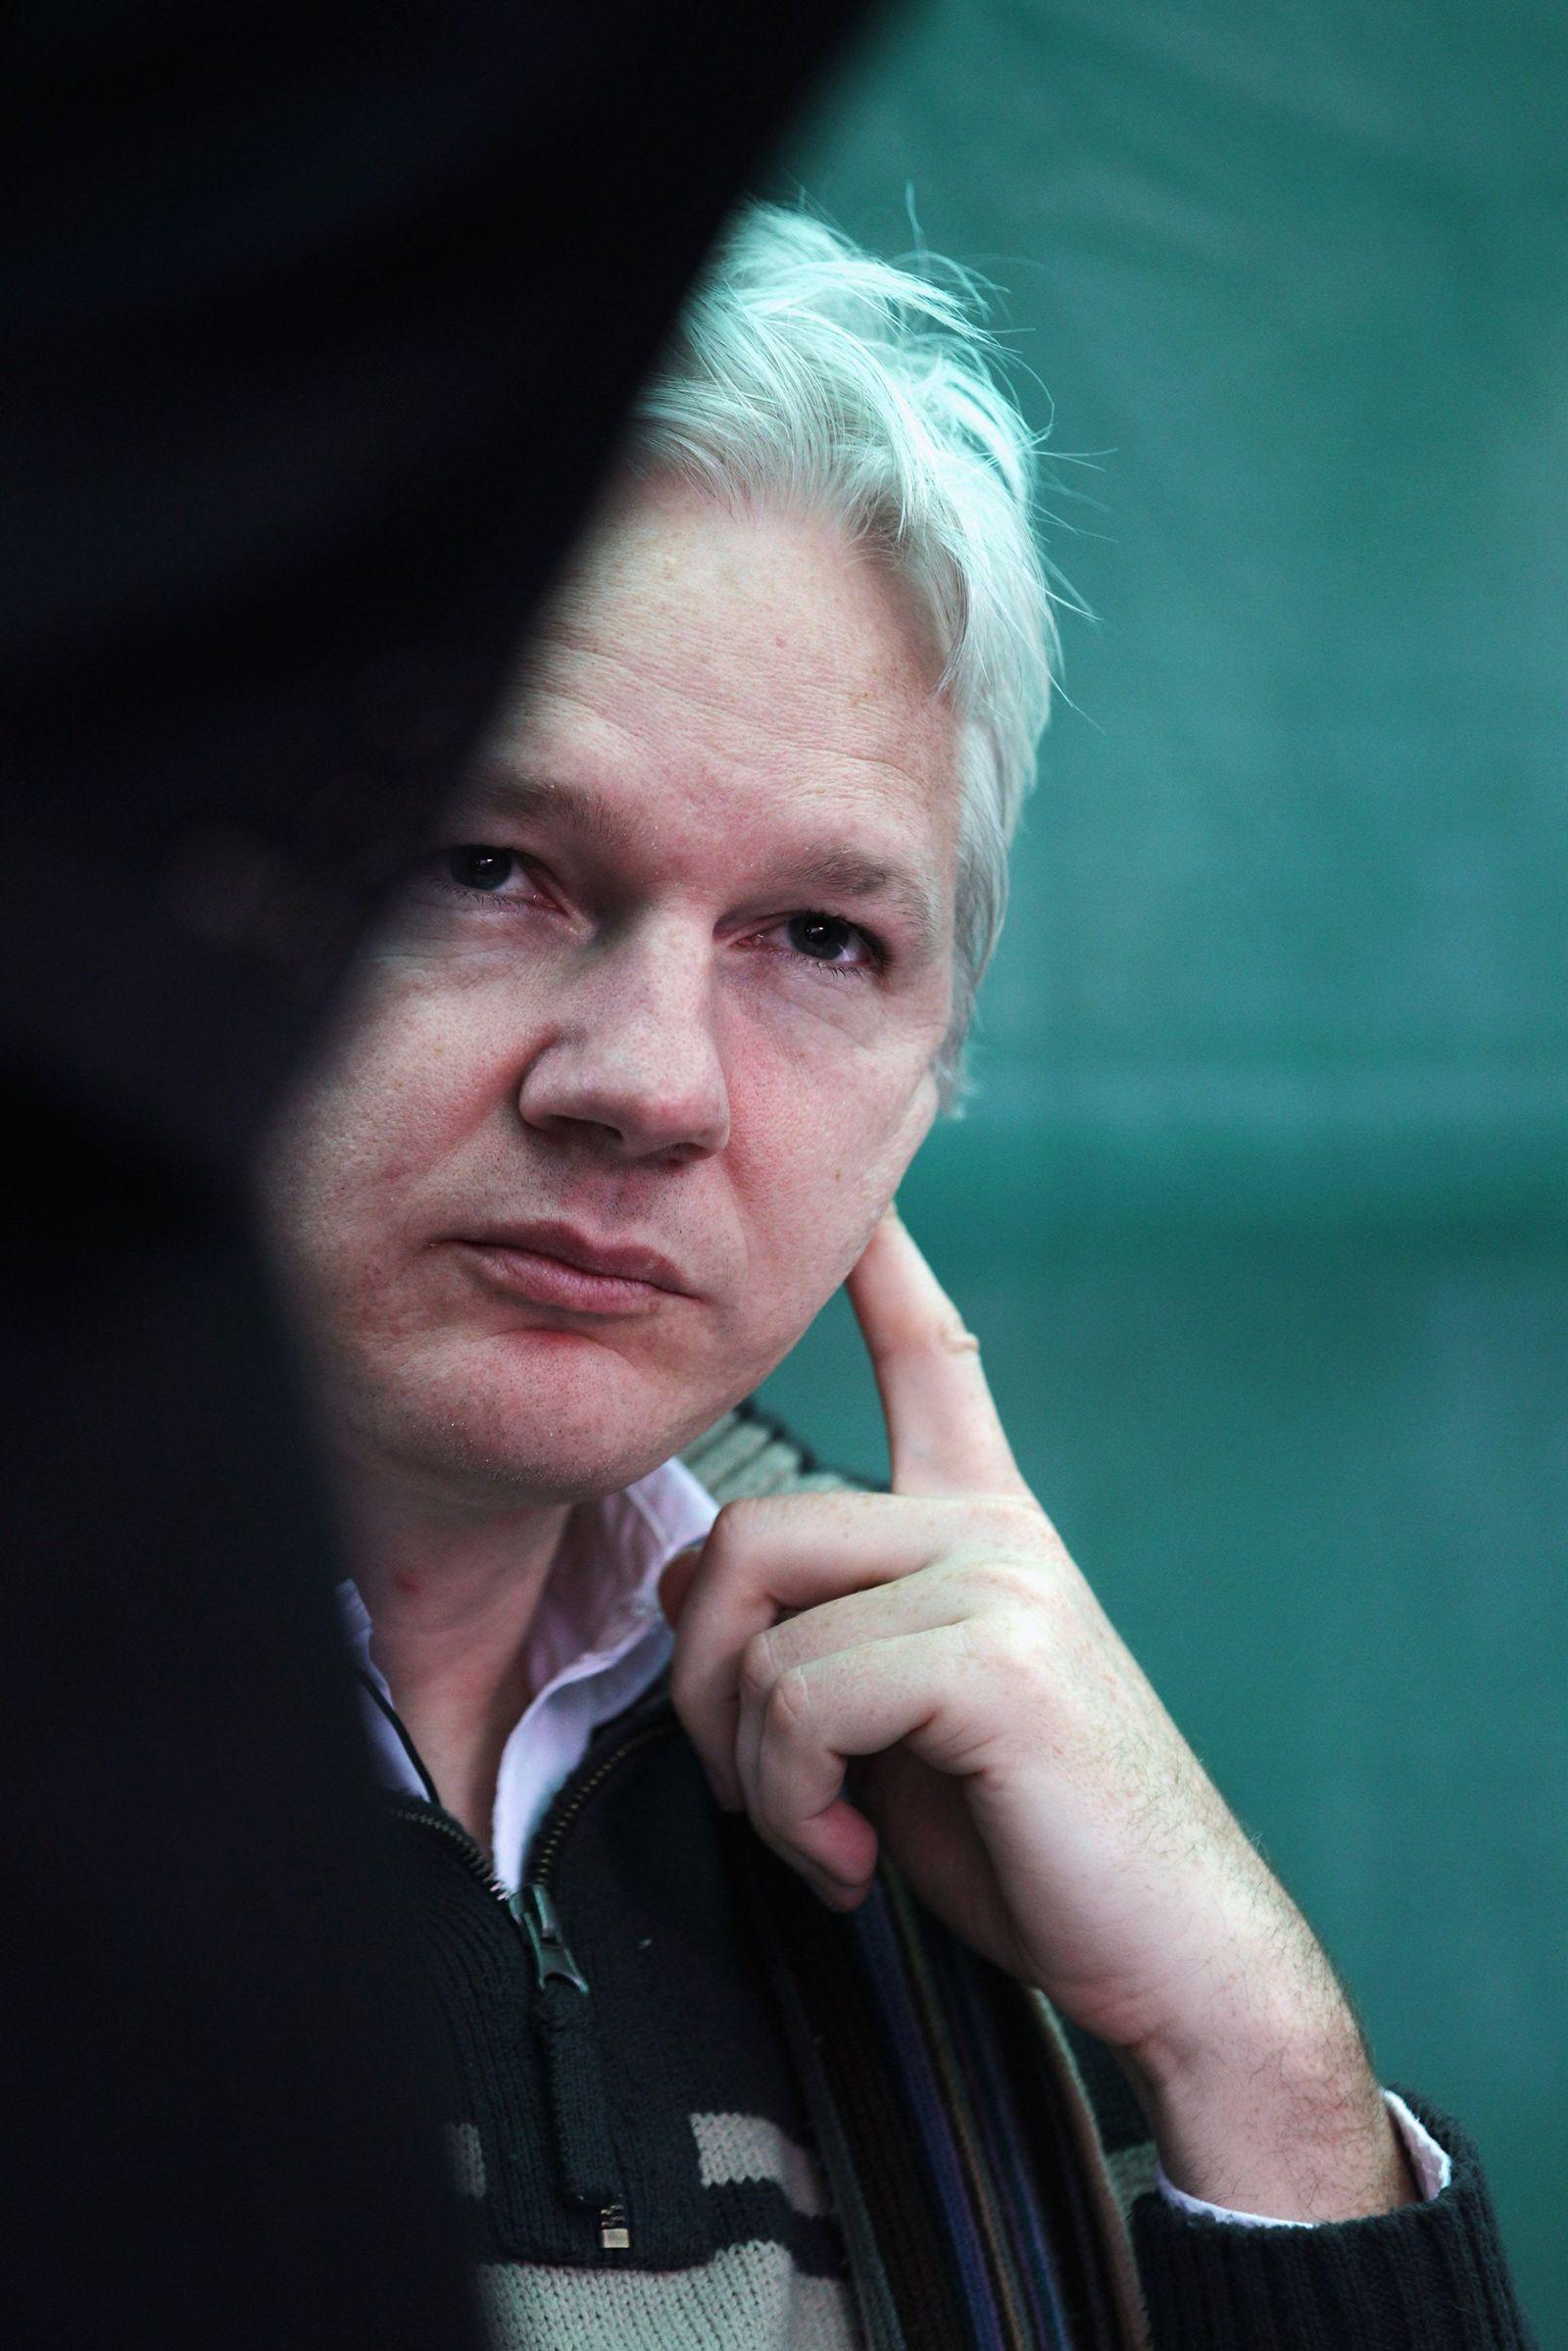 Julian Assange / Wikileaks